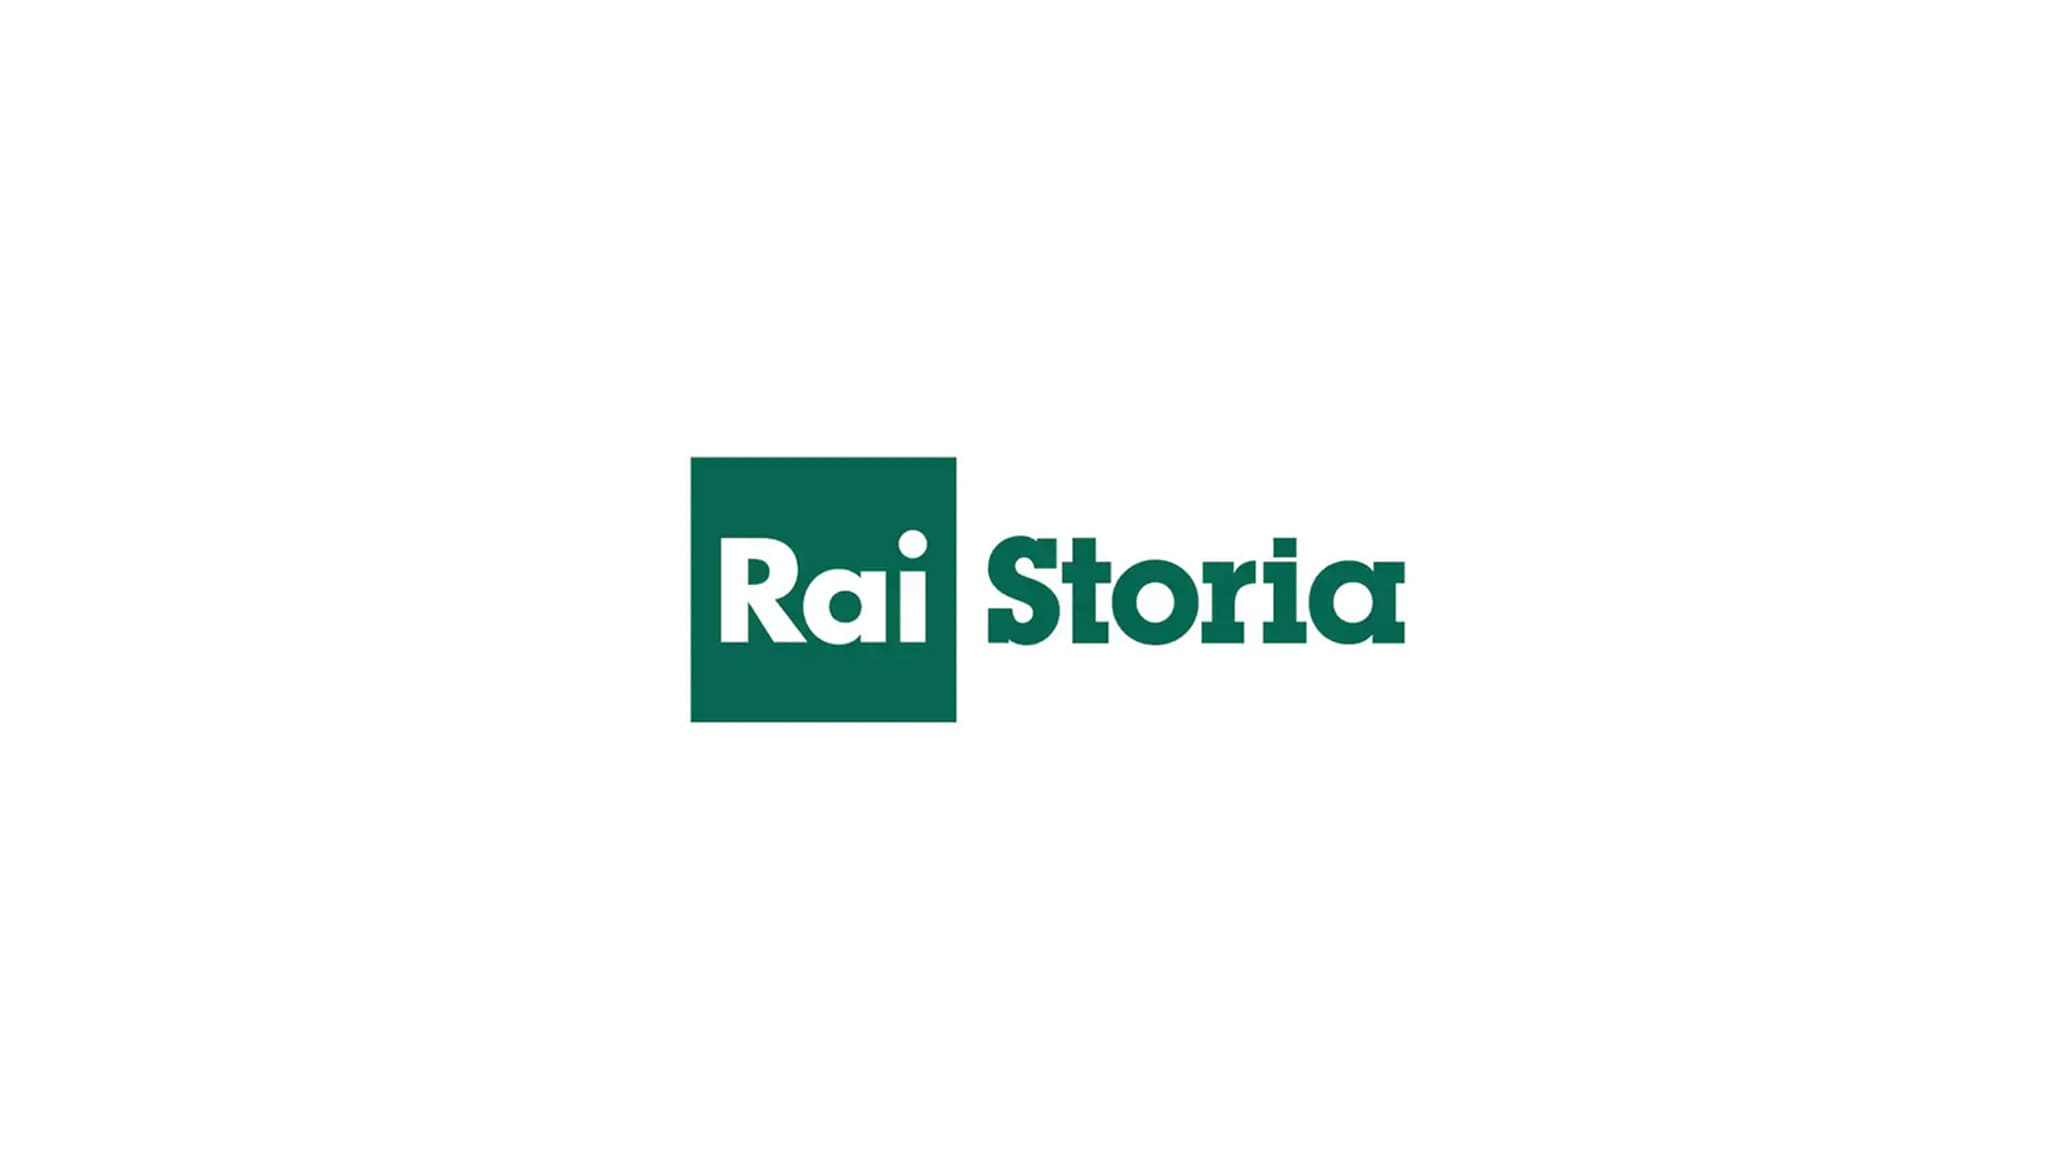 Rai Storia Repubblica Romana 1849 p.2. Un romanzo d'avventura